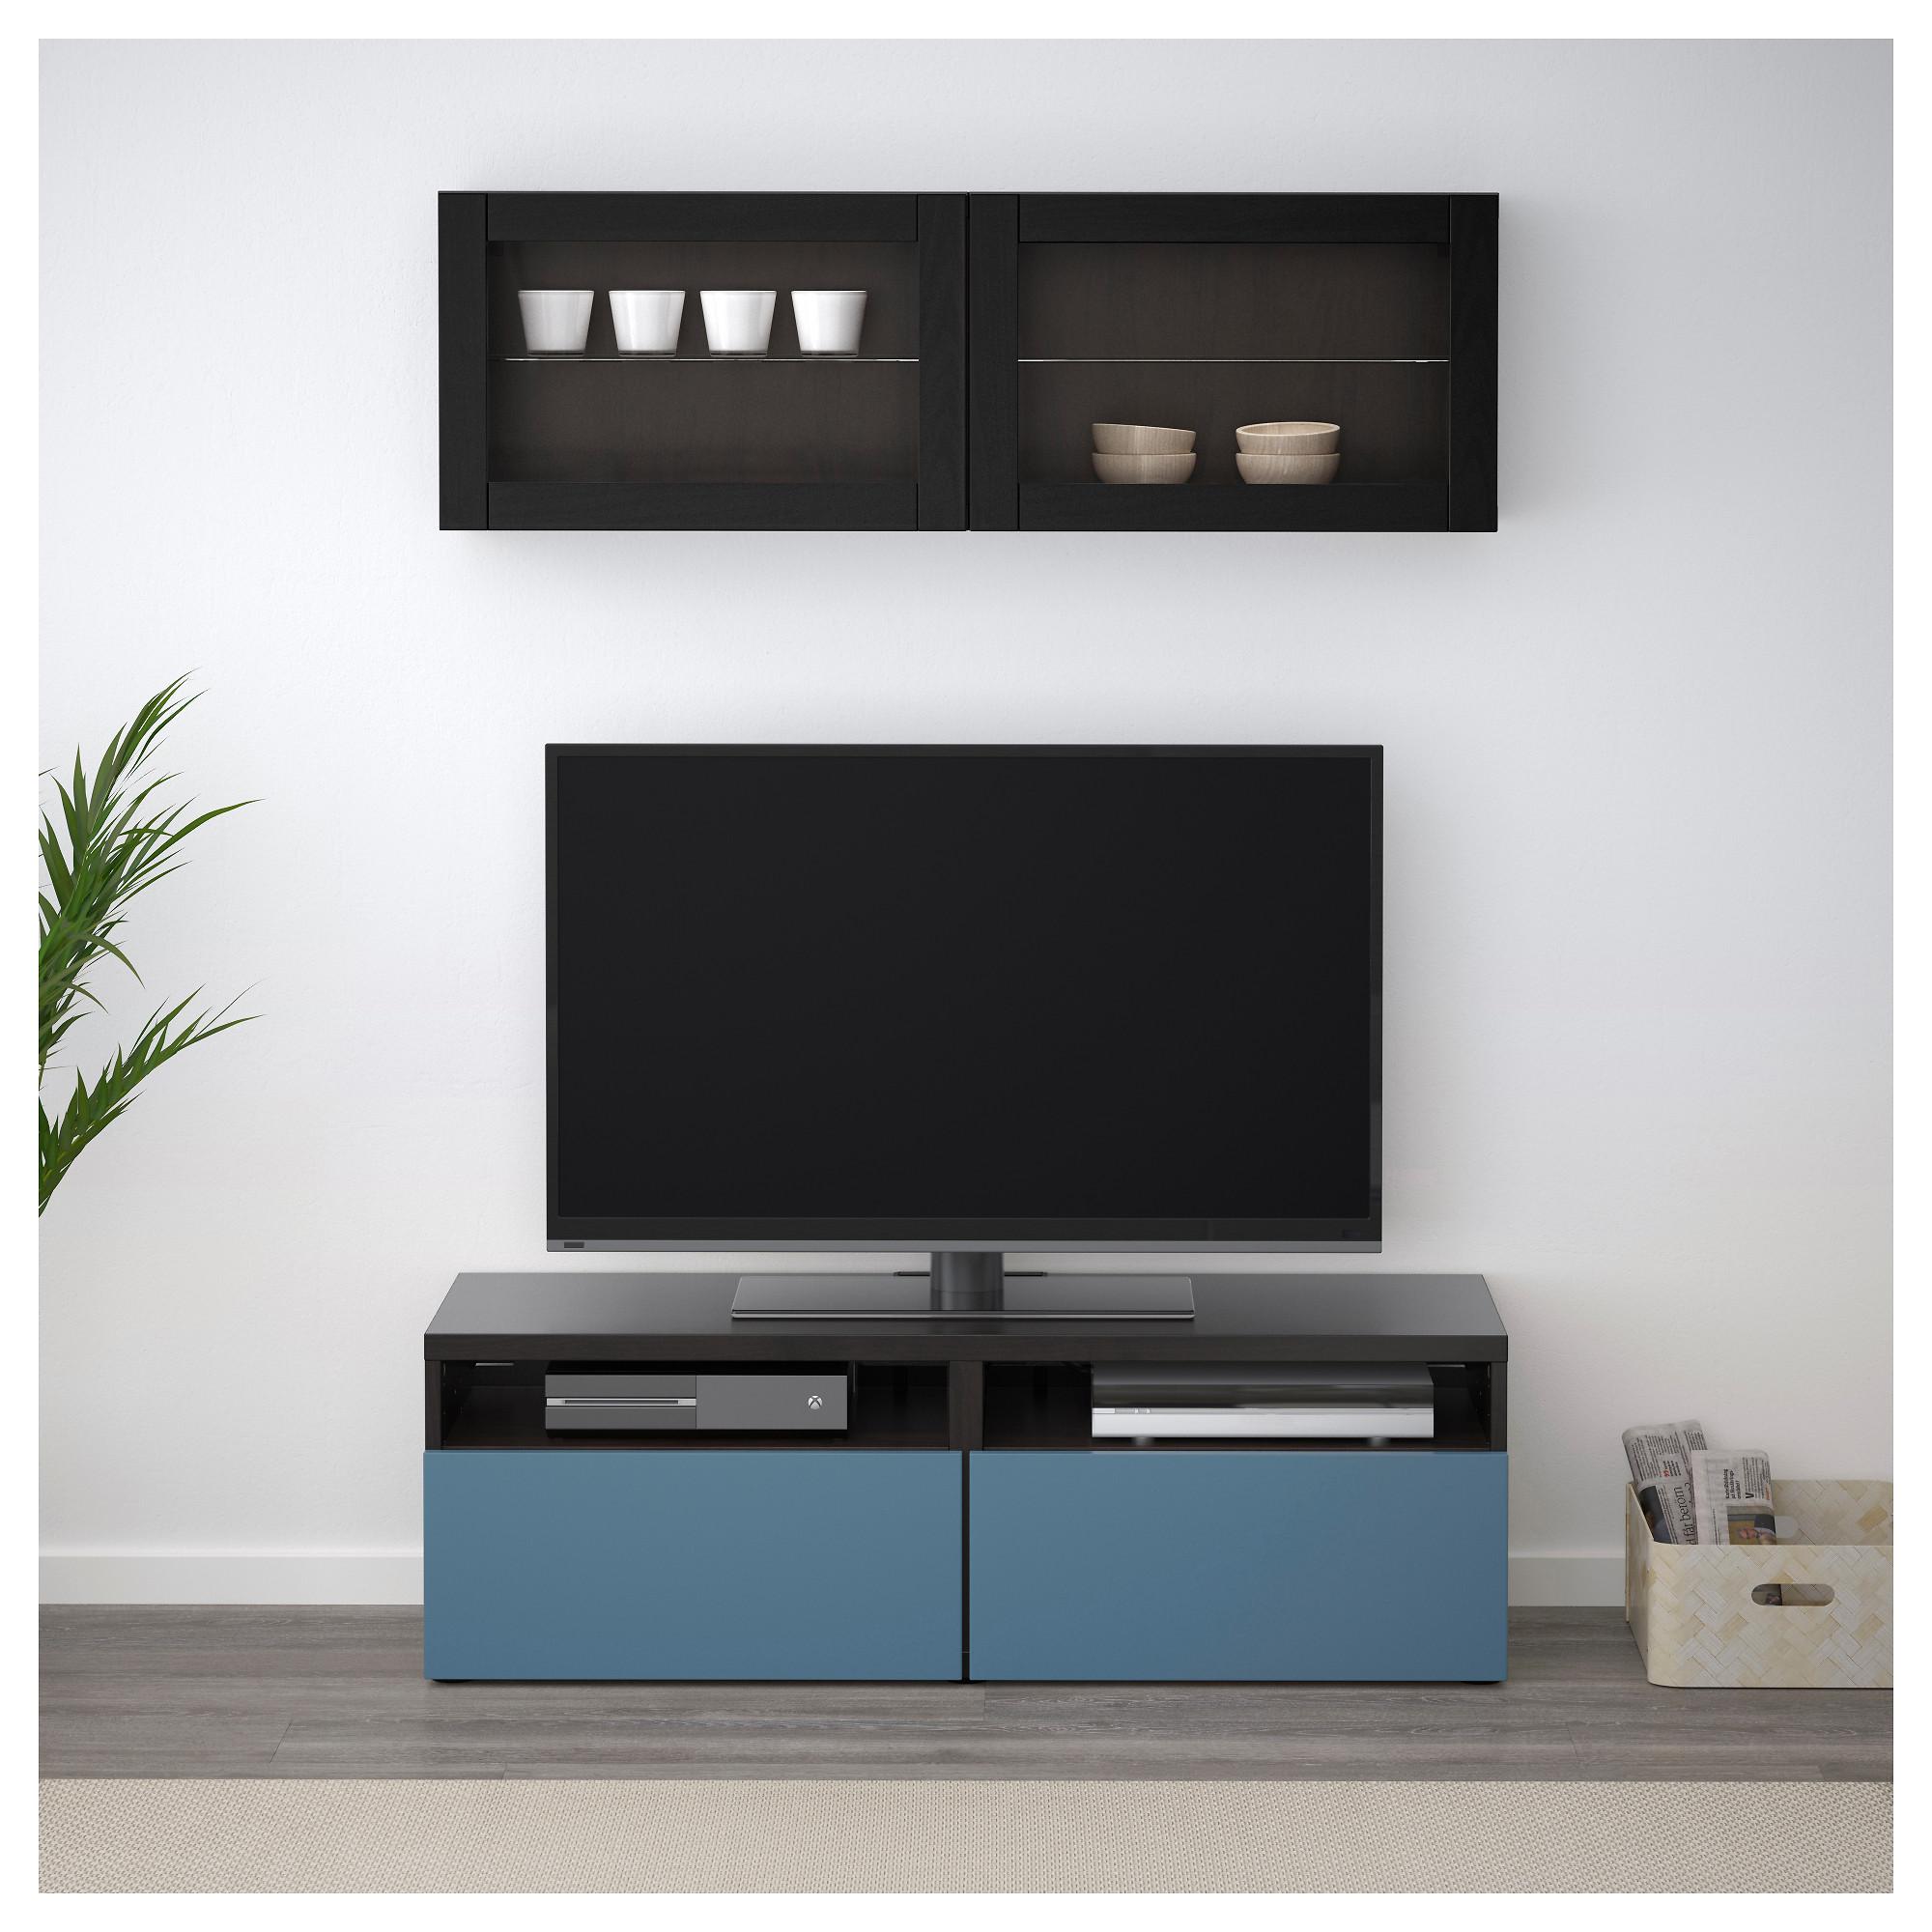 Шкаф для ТВ, комбинированный, стекляные дверцы БЕСТО артикуль № 892.504.96 в наличии. Online магазин IKEA РБ. Быстрая доставка и установка.